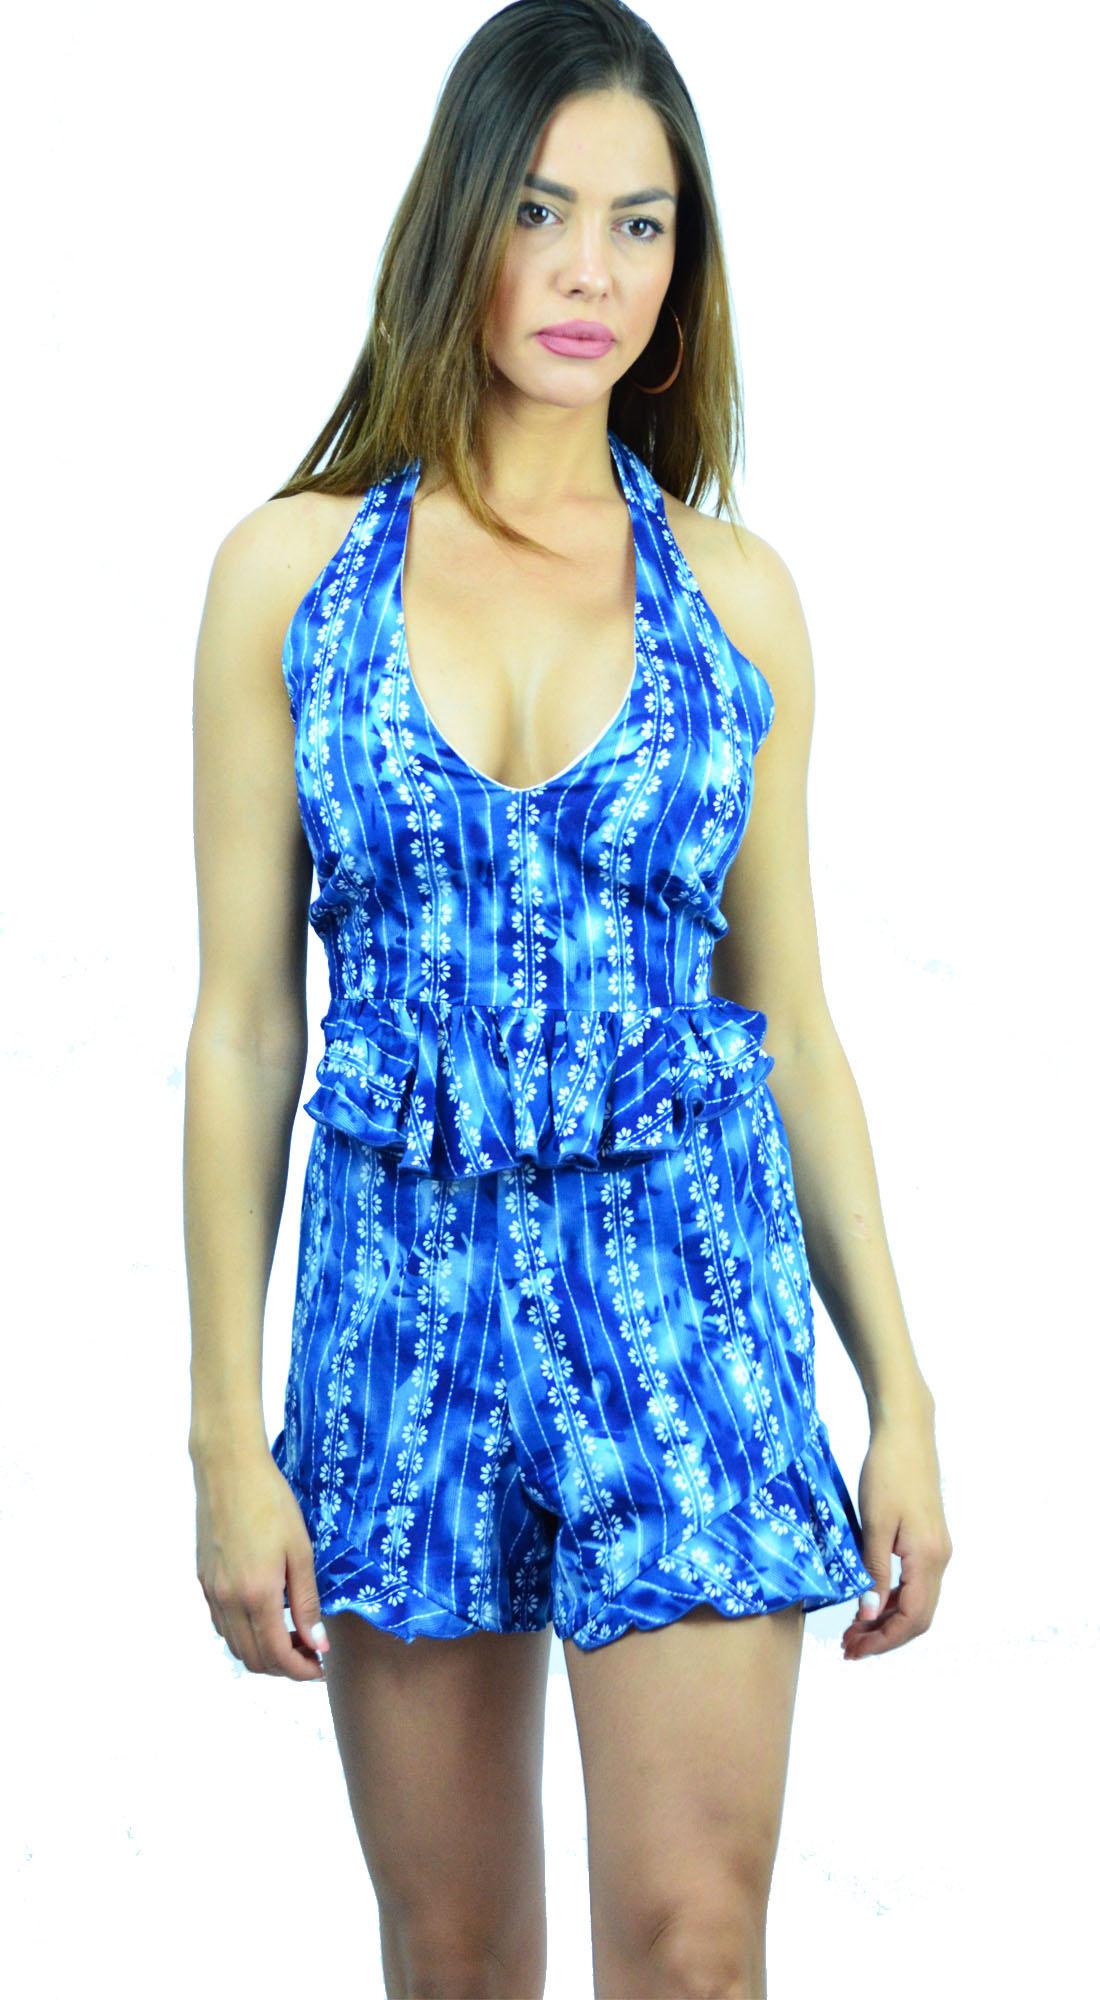 Γυναικείο Σετ Top & Σορτς με Floral Prints - LOVE ME - S17LV-9317529 ενδύματα μπλούζες   t shirts